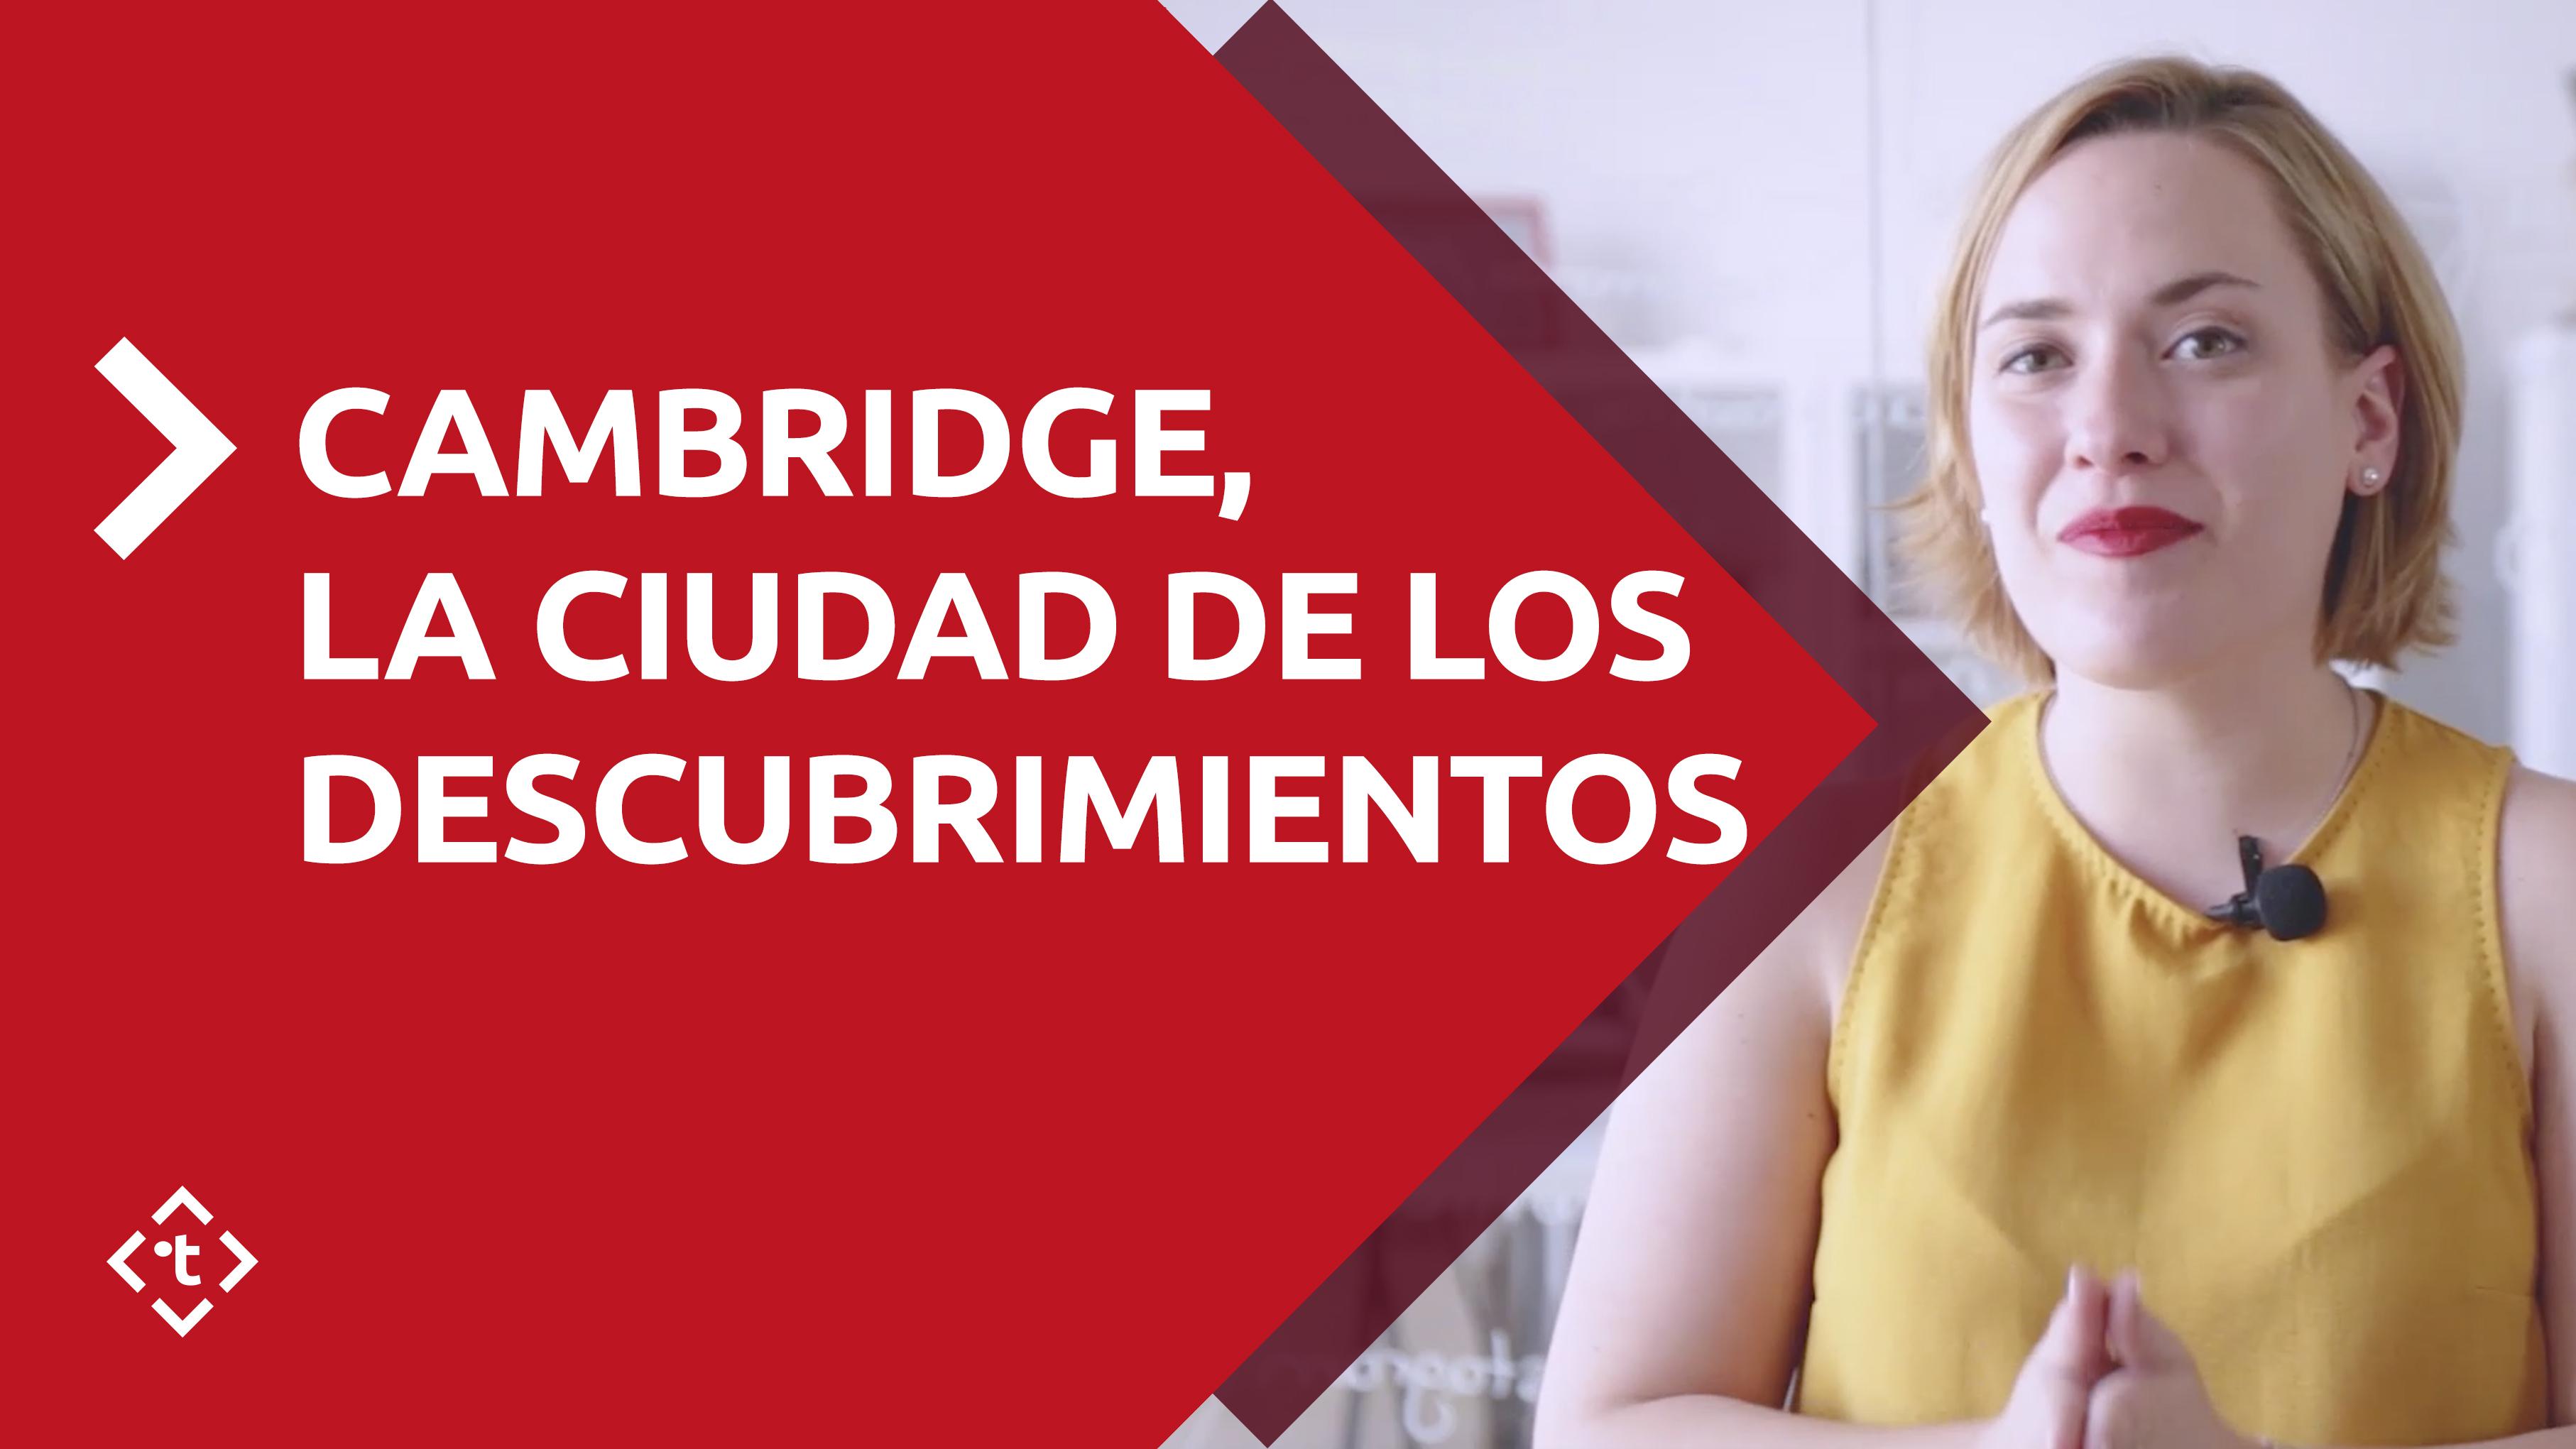 CAMBRIDGE, LA CIUDAD DE LOS DESCUBRIMIENTOS